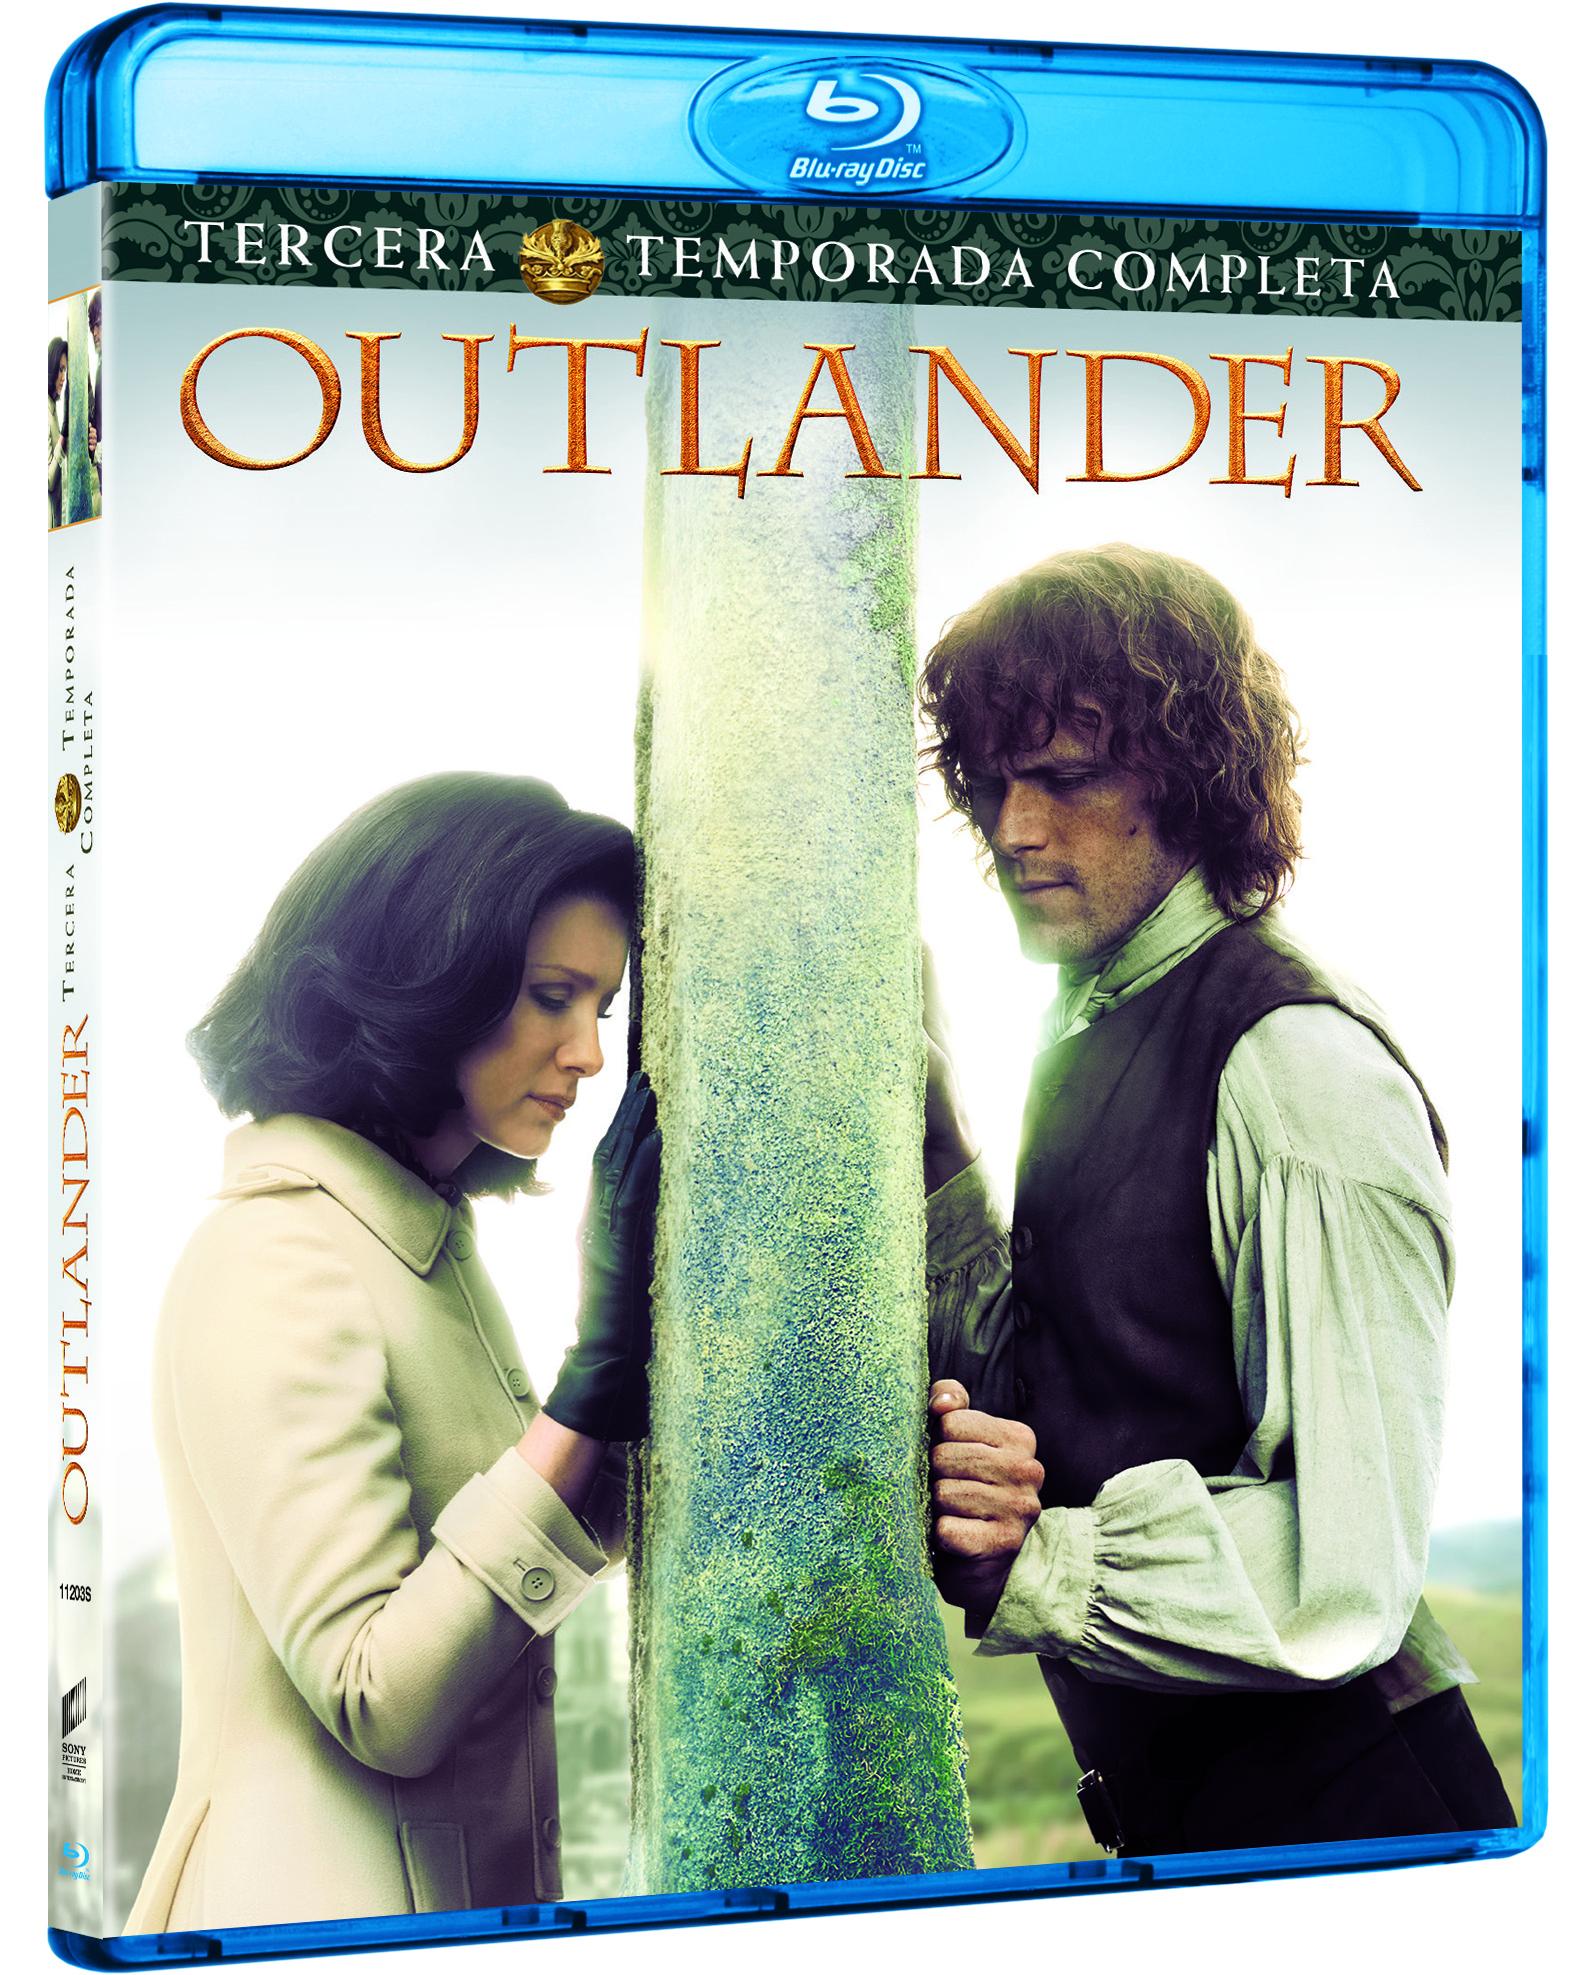 La 3ª temporada de 'Outlander' llegará en Blu-ray y Dvd el 13 de abril • En tu pantalla